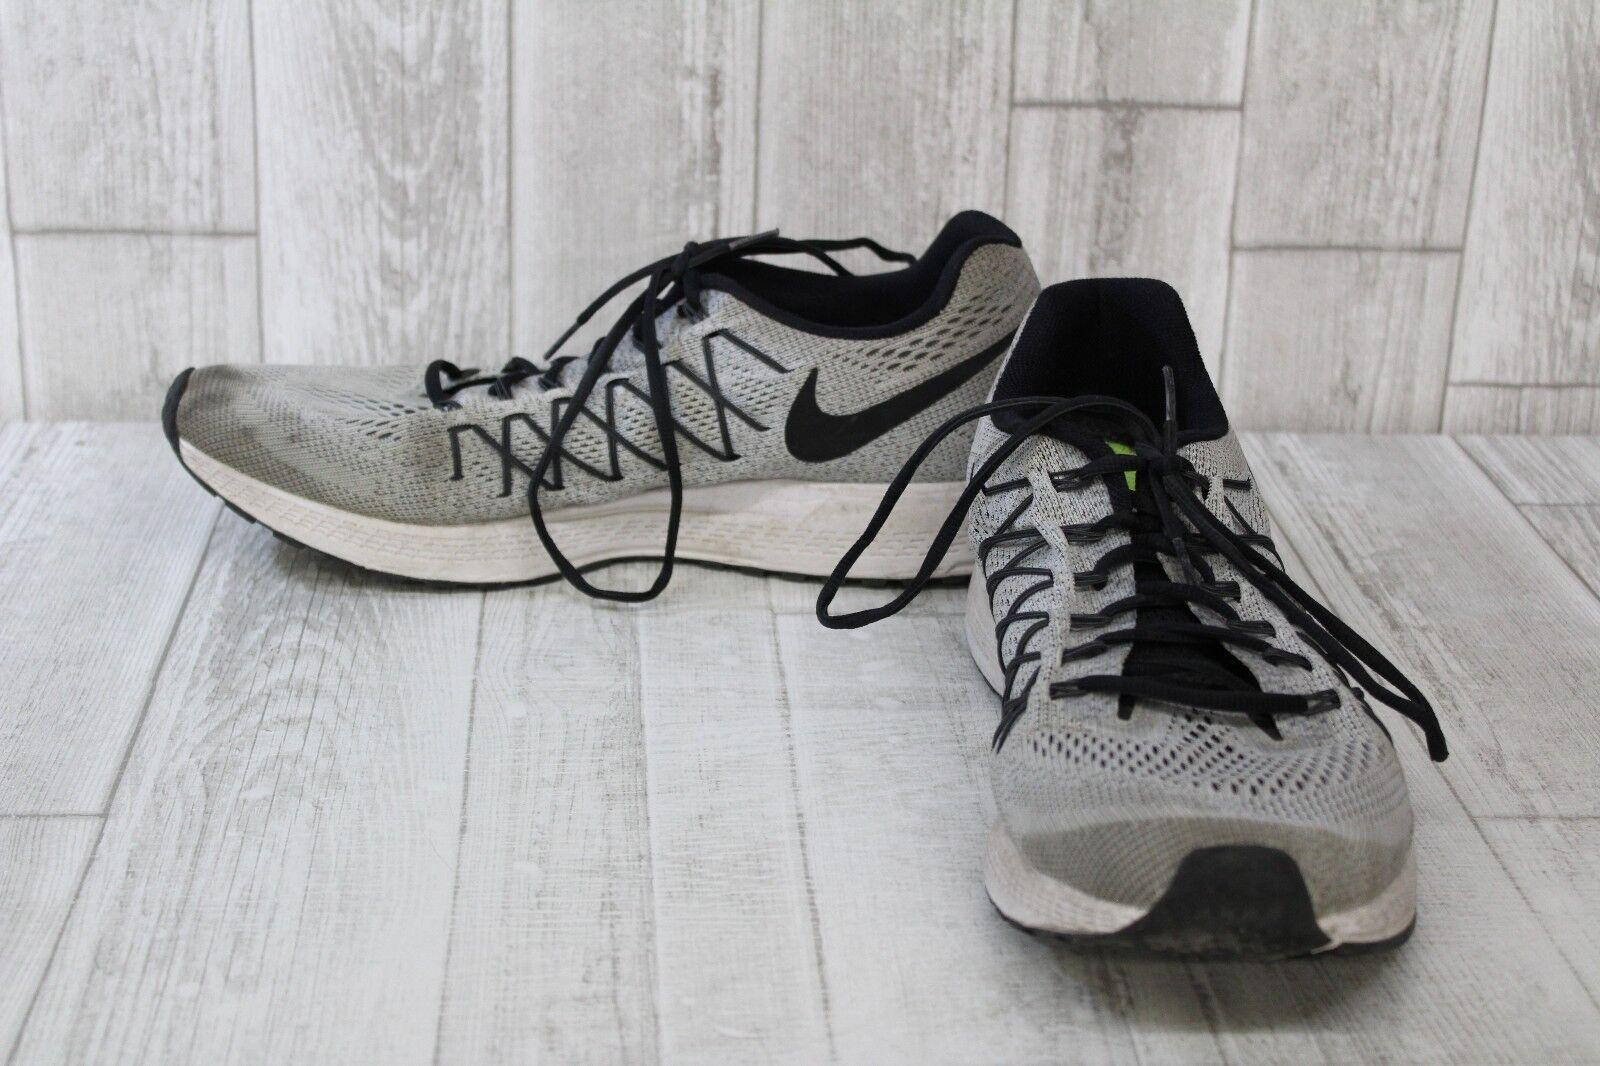 Nike Nike Nike zoom pegasus 32 scarpe da ginnastica - uomo numero 15, bianco   nero (riparazione)   Outlet Online    A Basso Prezzo  adce9a